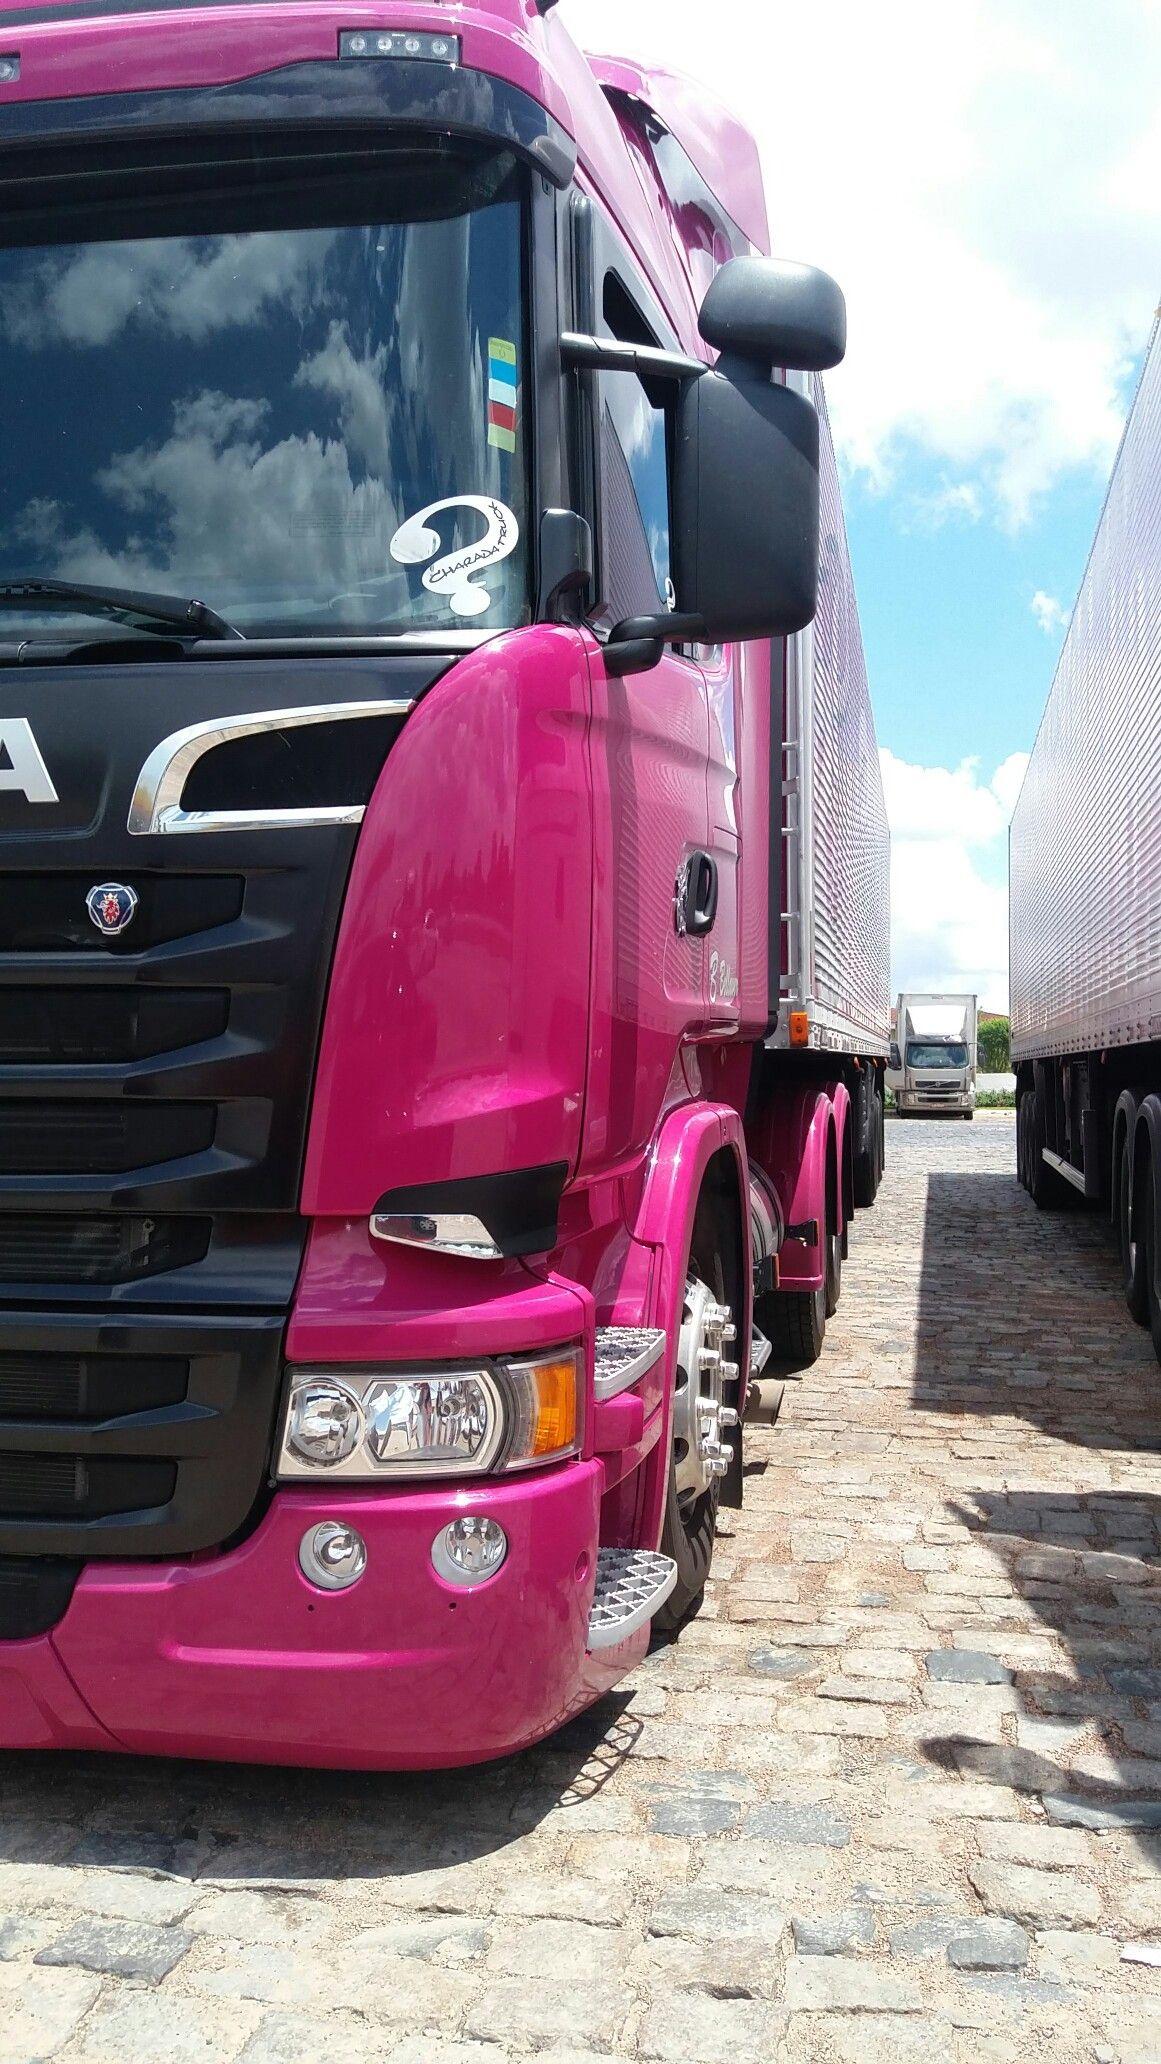 Scania Sheila Bellaver Caminhoes Carretas Fotos De Caminhao